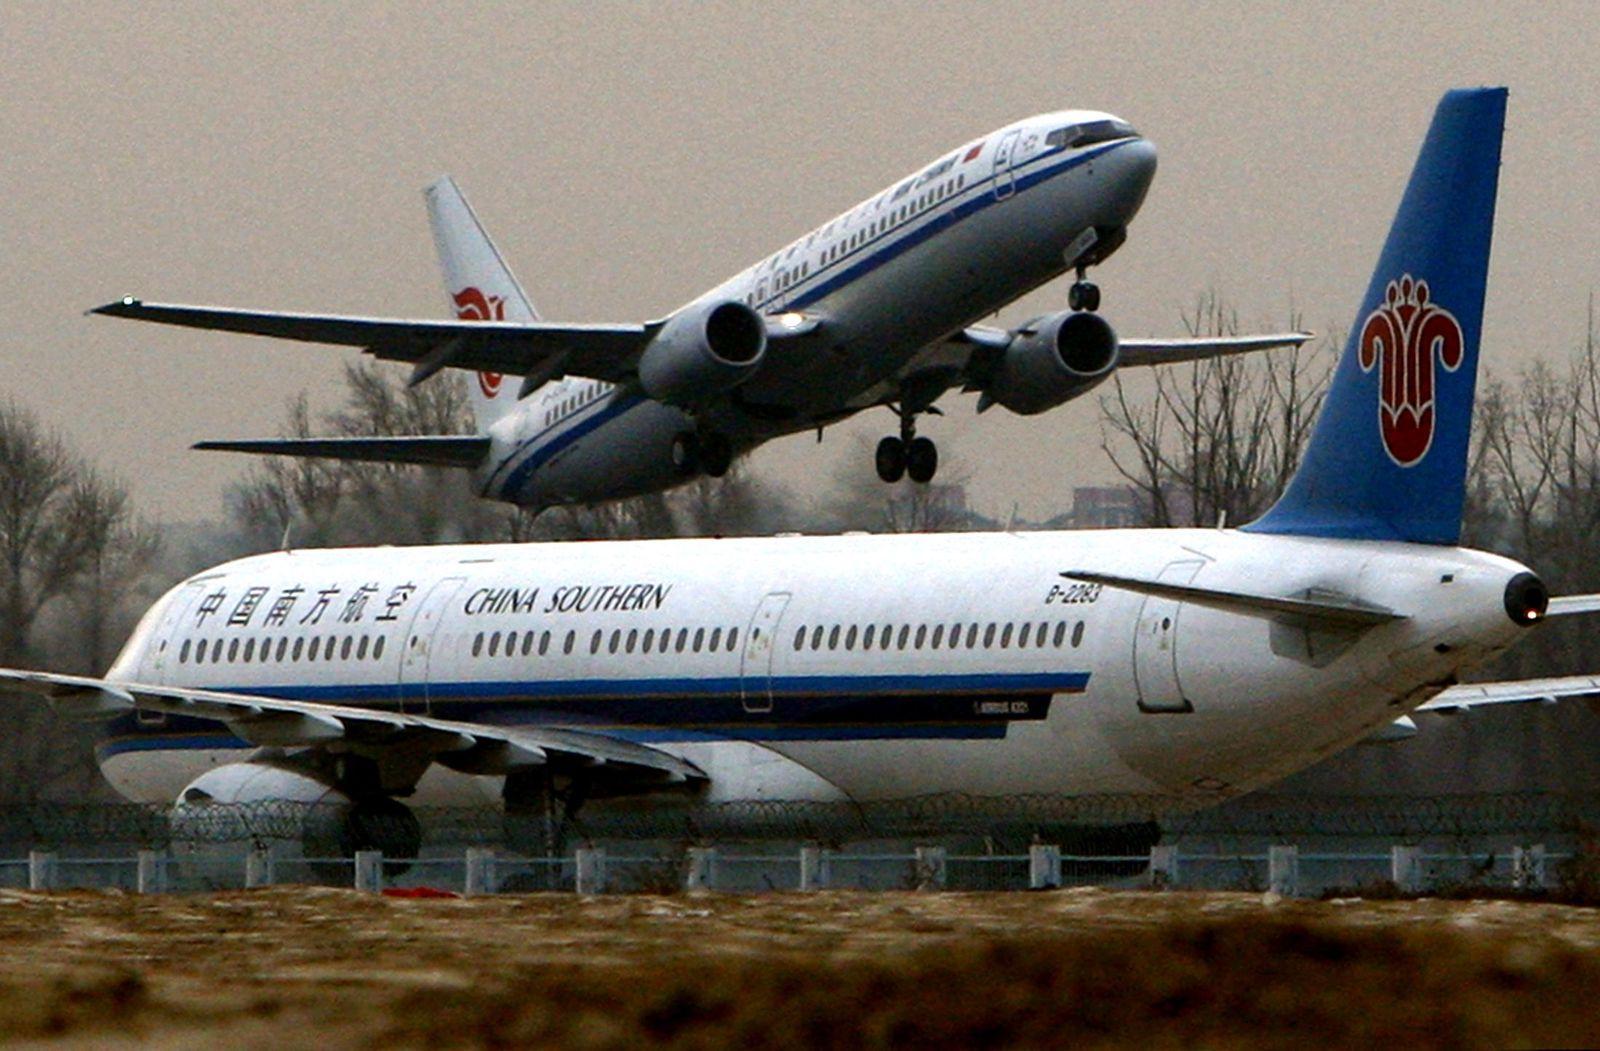 China Southern / Air China